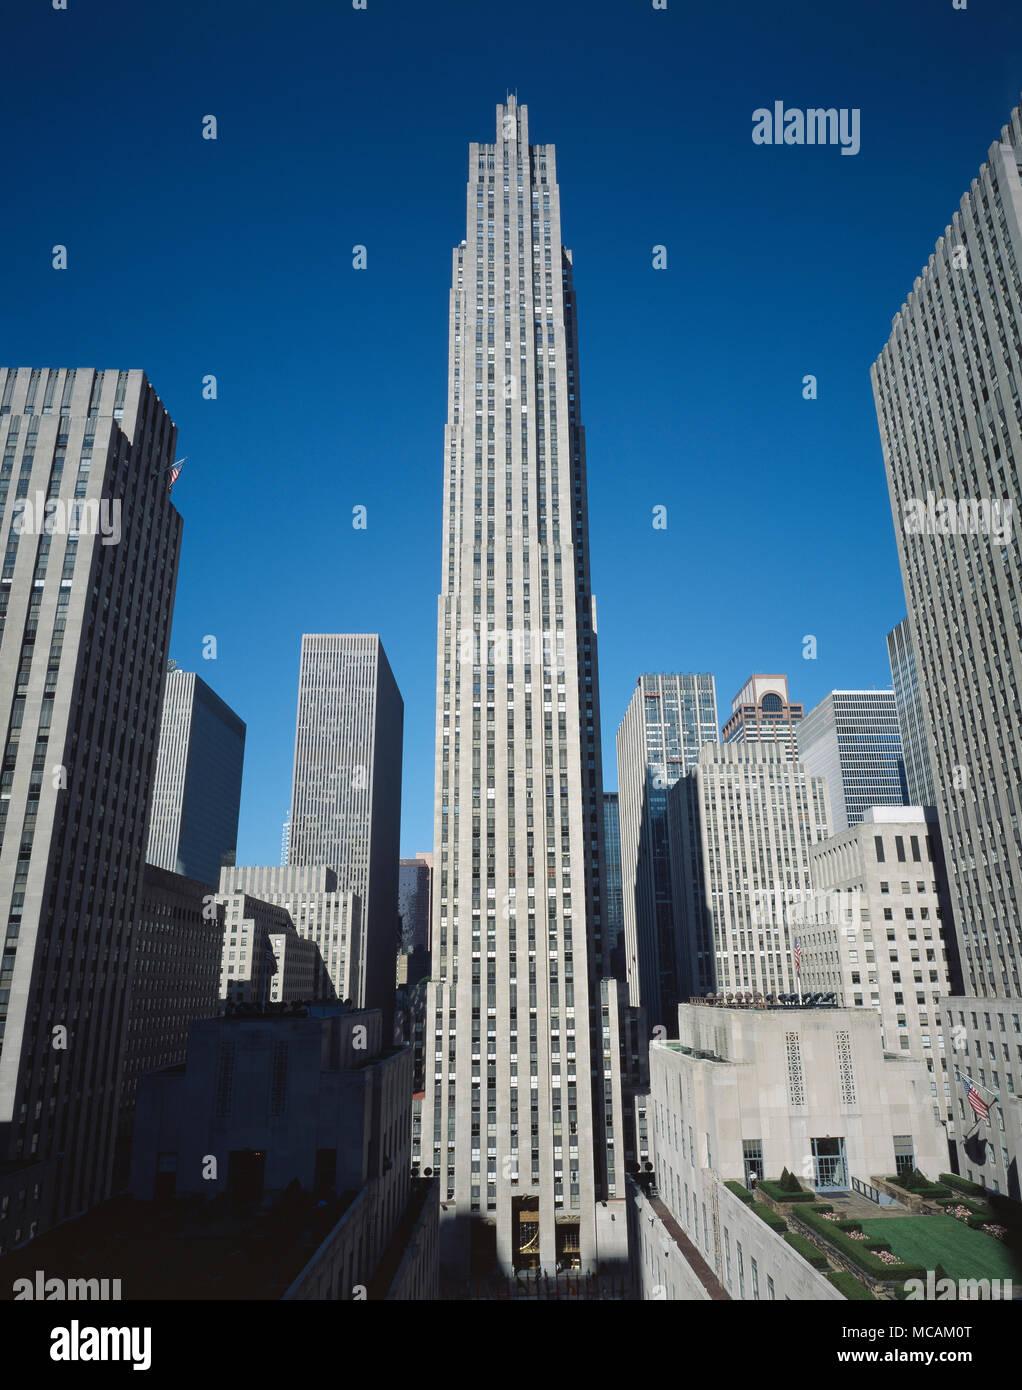 Le Centre Rockefeller a été nommé d'après John D. Rockefeller, Jr., qui loue l'espace de l'université de Columbia en 1928 et développé depuis 1930. Un syndicat Rockefeller initialement prévu de construire une maison d'opéra pour le Metropolitan Opera sur le site, mais les plans modifiés après le krach de 1929 et la région métropolitaine est continuelle des retards d'attendre un bail plus favorable, provoquant le Rockefeller pour aller de l'avant sans eux. Seul le financier, sur un bail de 27 ans (avec possibilité de trois renouvellements de 21 ans pour un total de 87 ans) pour le site de la Columbia; négocier une ligne de cred Photo Stock